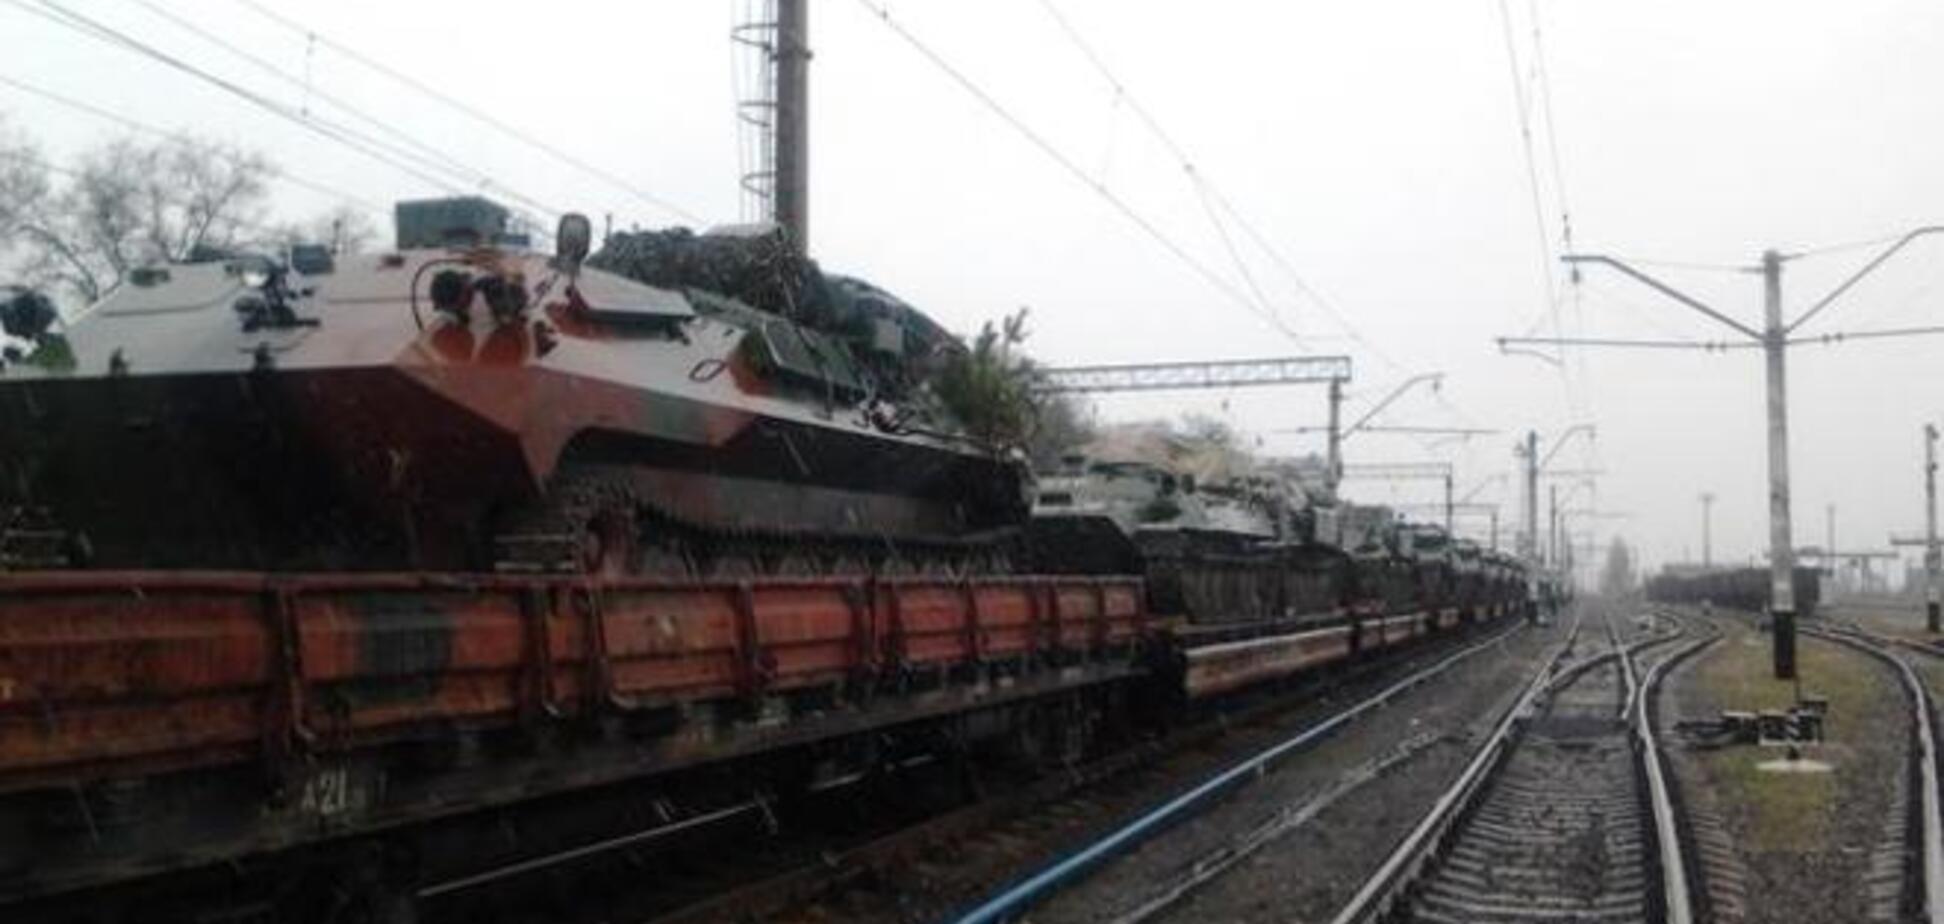 До кордону України підійшли колони російської бронетехніки. Це психологічний тиск - Семенченко